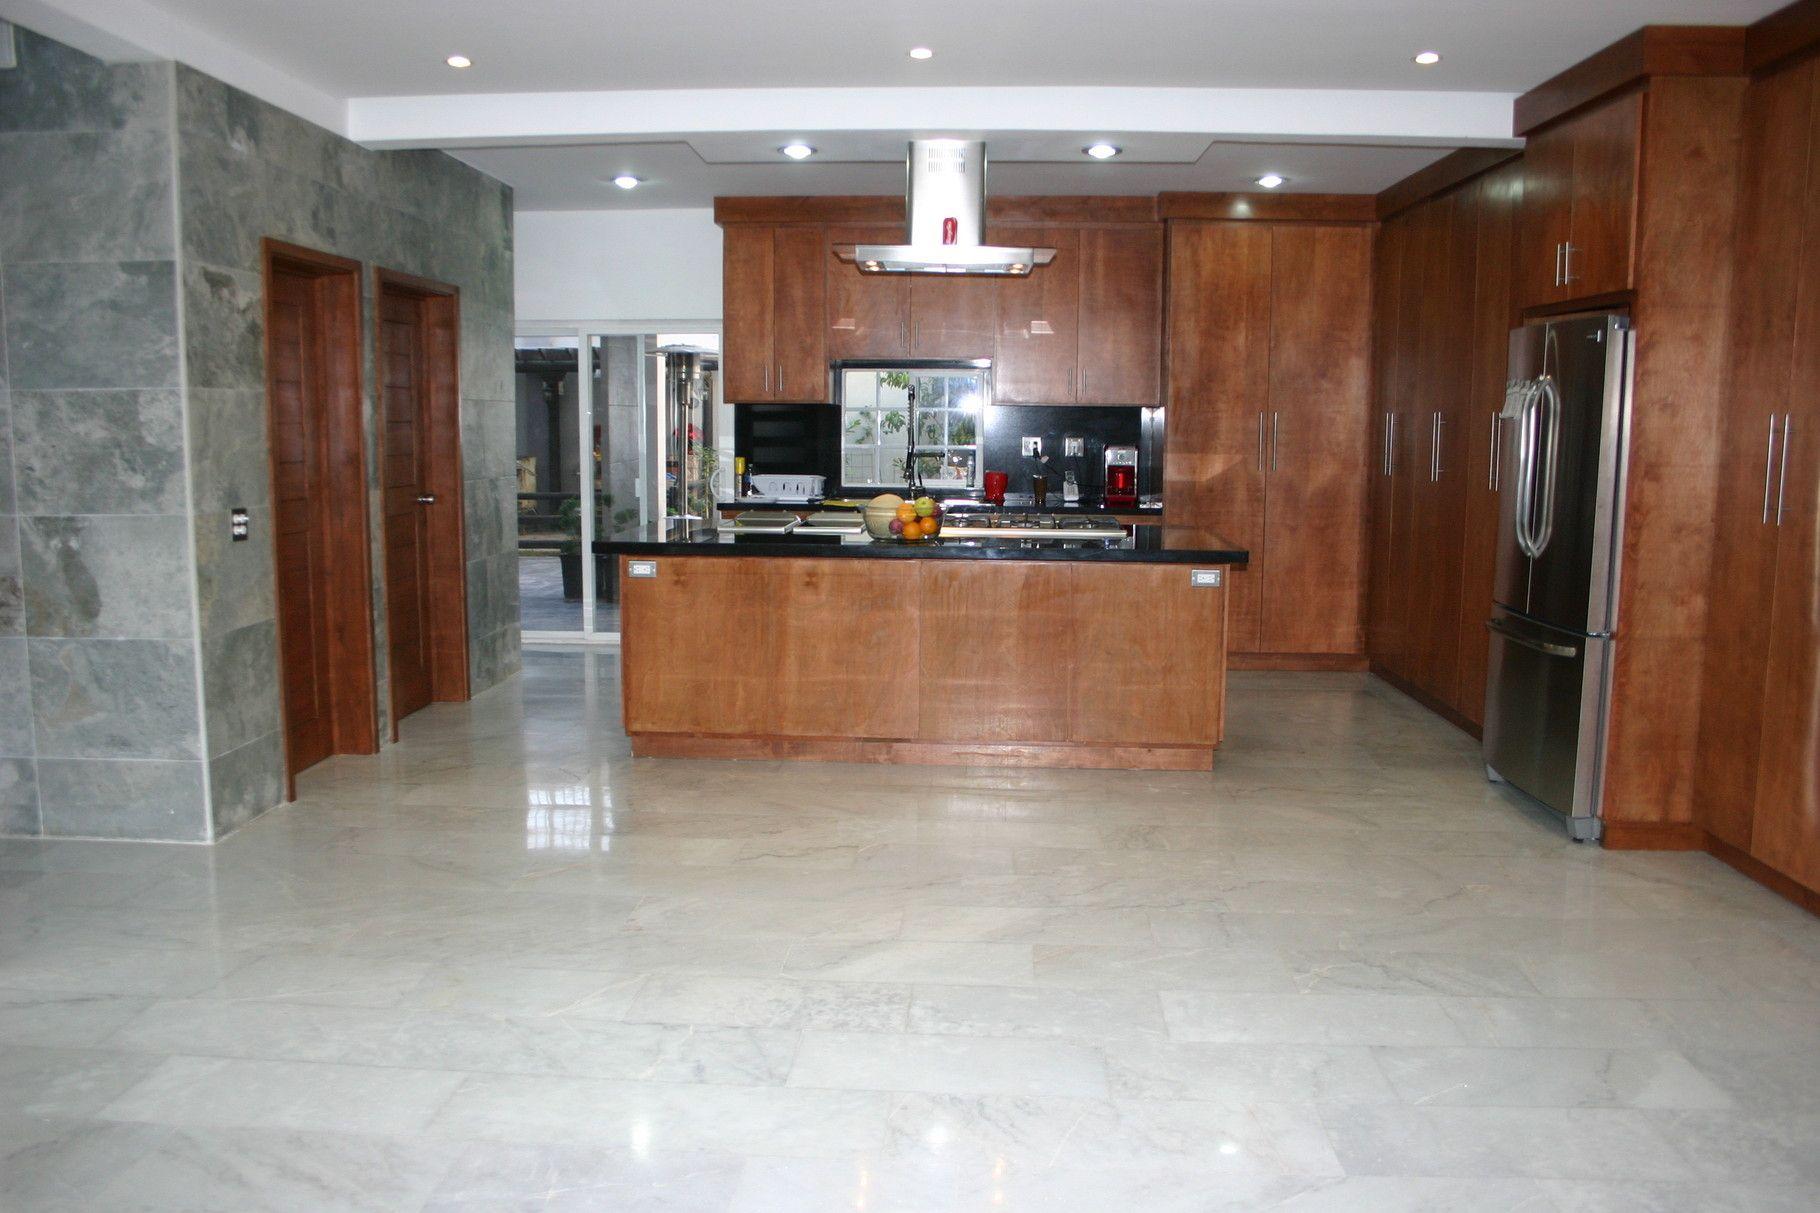 M rmol blanco guadiana pisos de m rmol blanco royal http - Piso marmol blanco ...